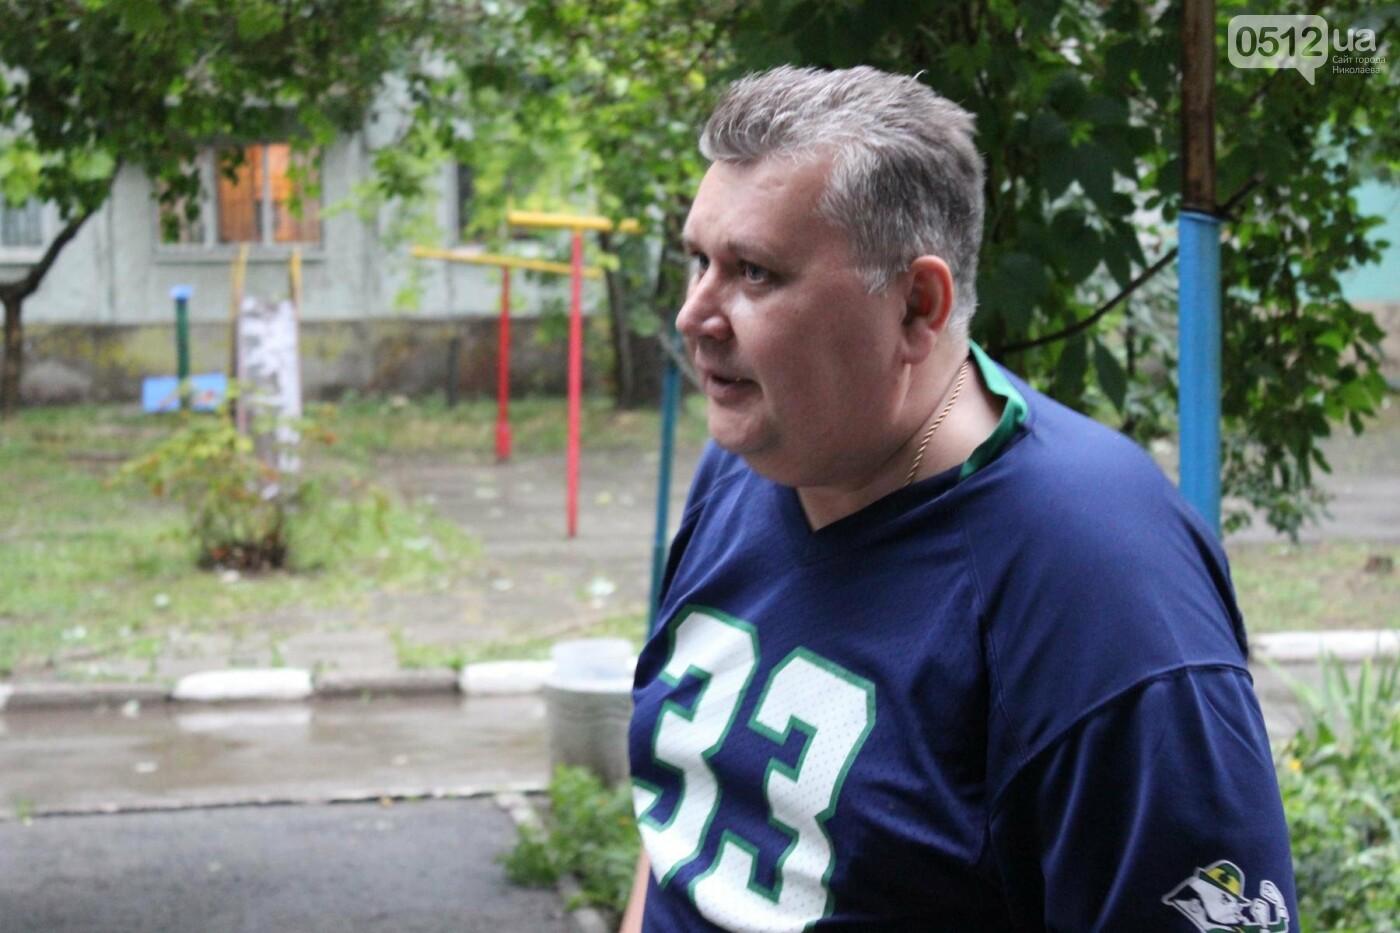 Компания, победившая на обслуживание ряда домов Николаева, презентовала свою работу в Запорожье, - ФОТО, ВИДЕО, фото-1